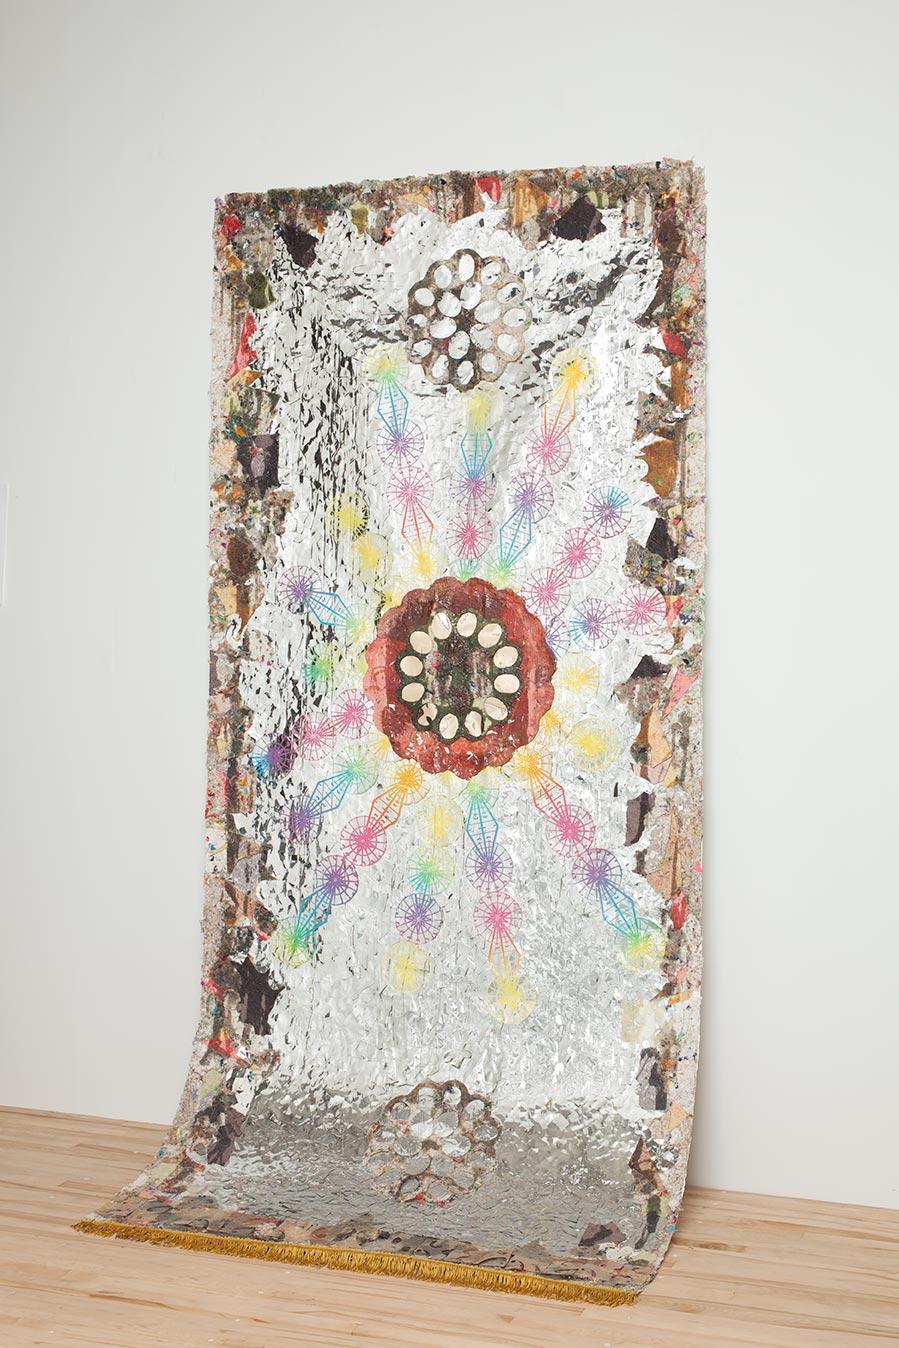 Monica Gorski - Wild Flowers I Used To Know